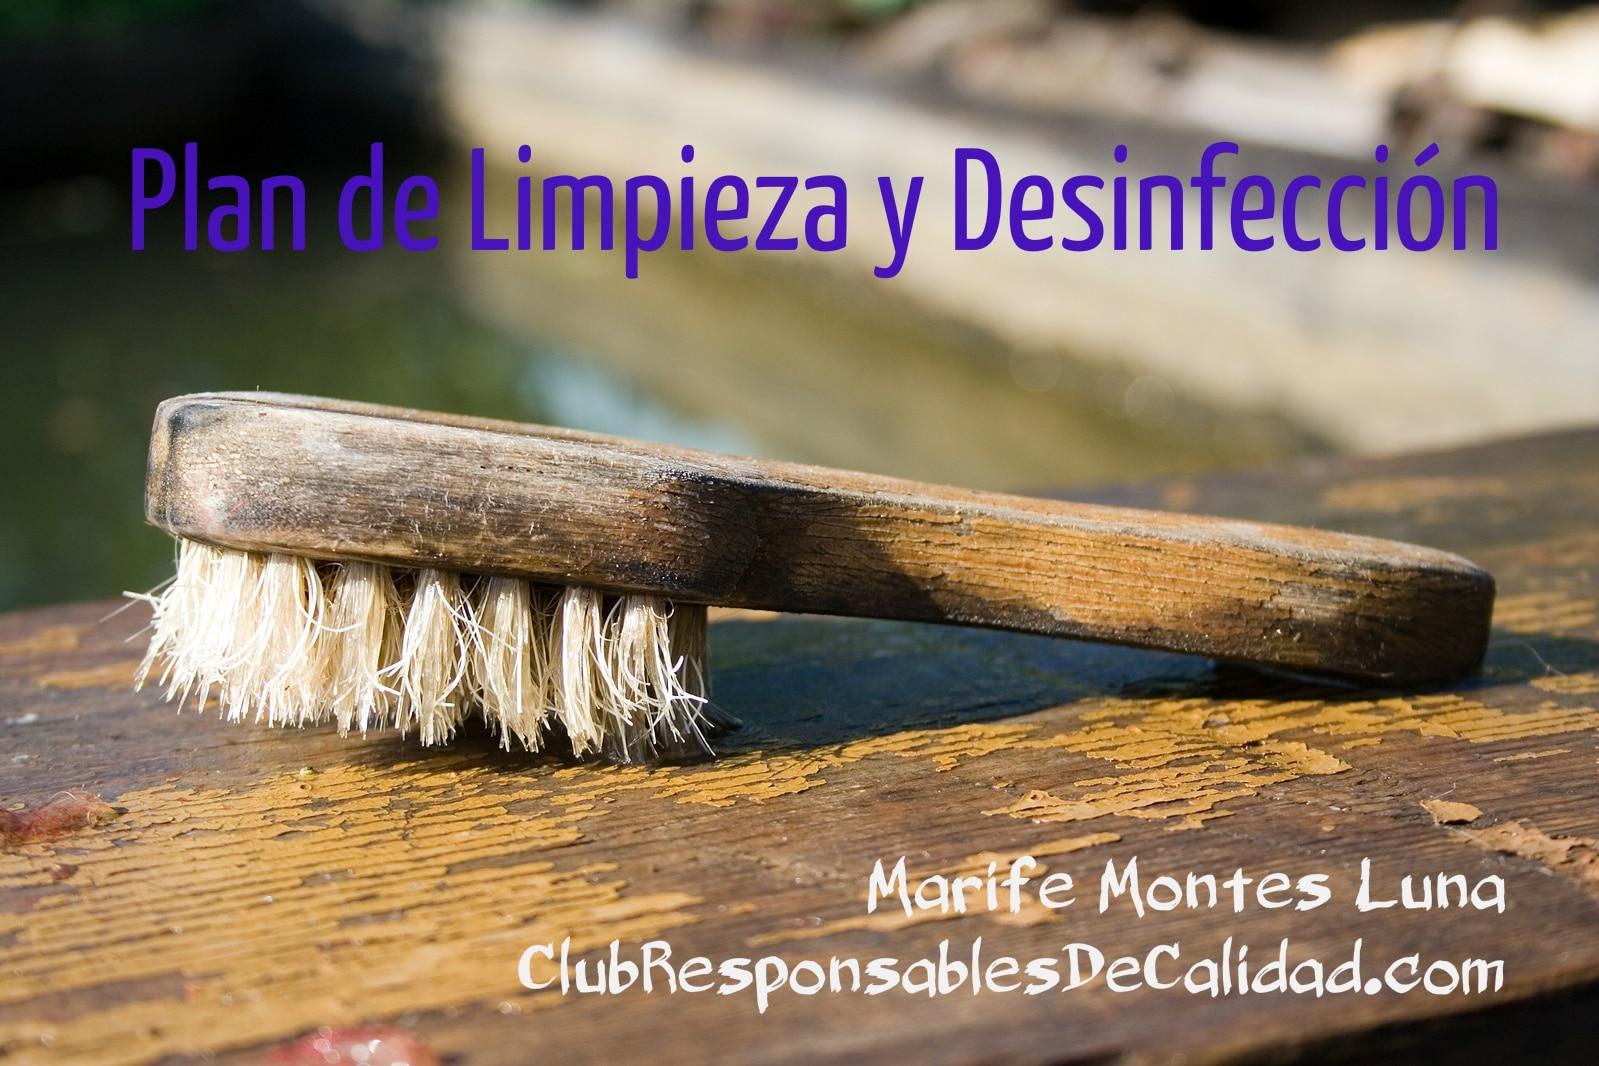 Plan de limpieza y desinfeccion